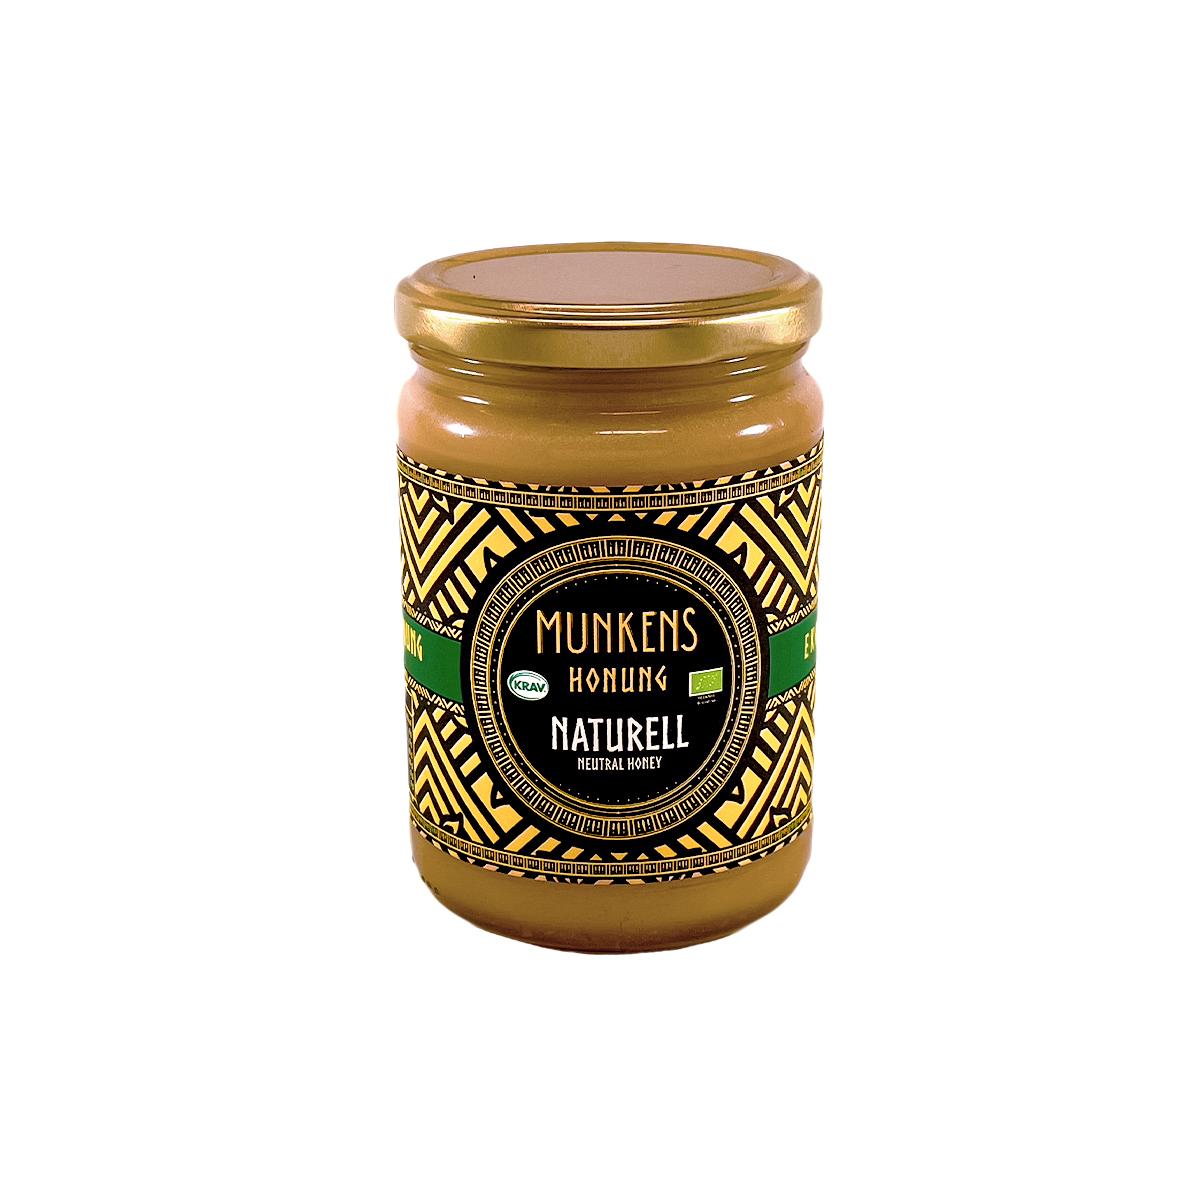 Munkens Honung – Kallrörd:Rå:Raw – Naturell 500g